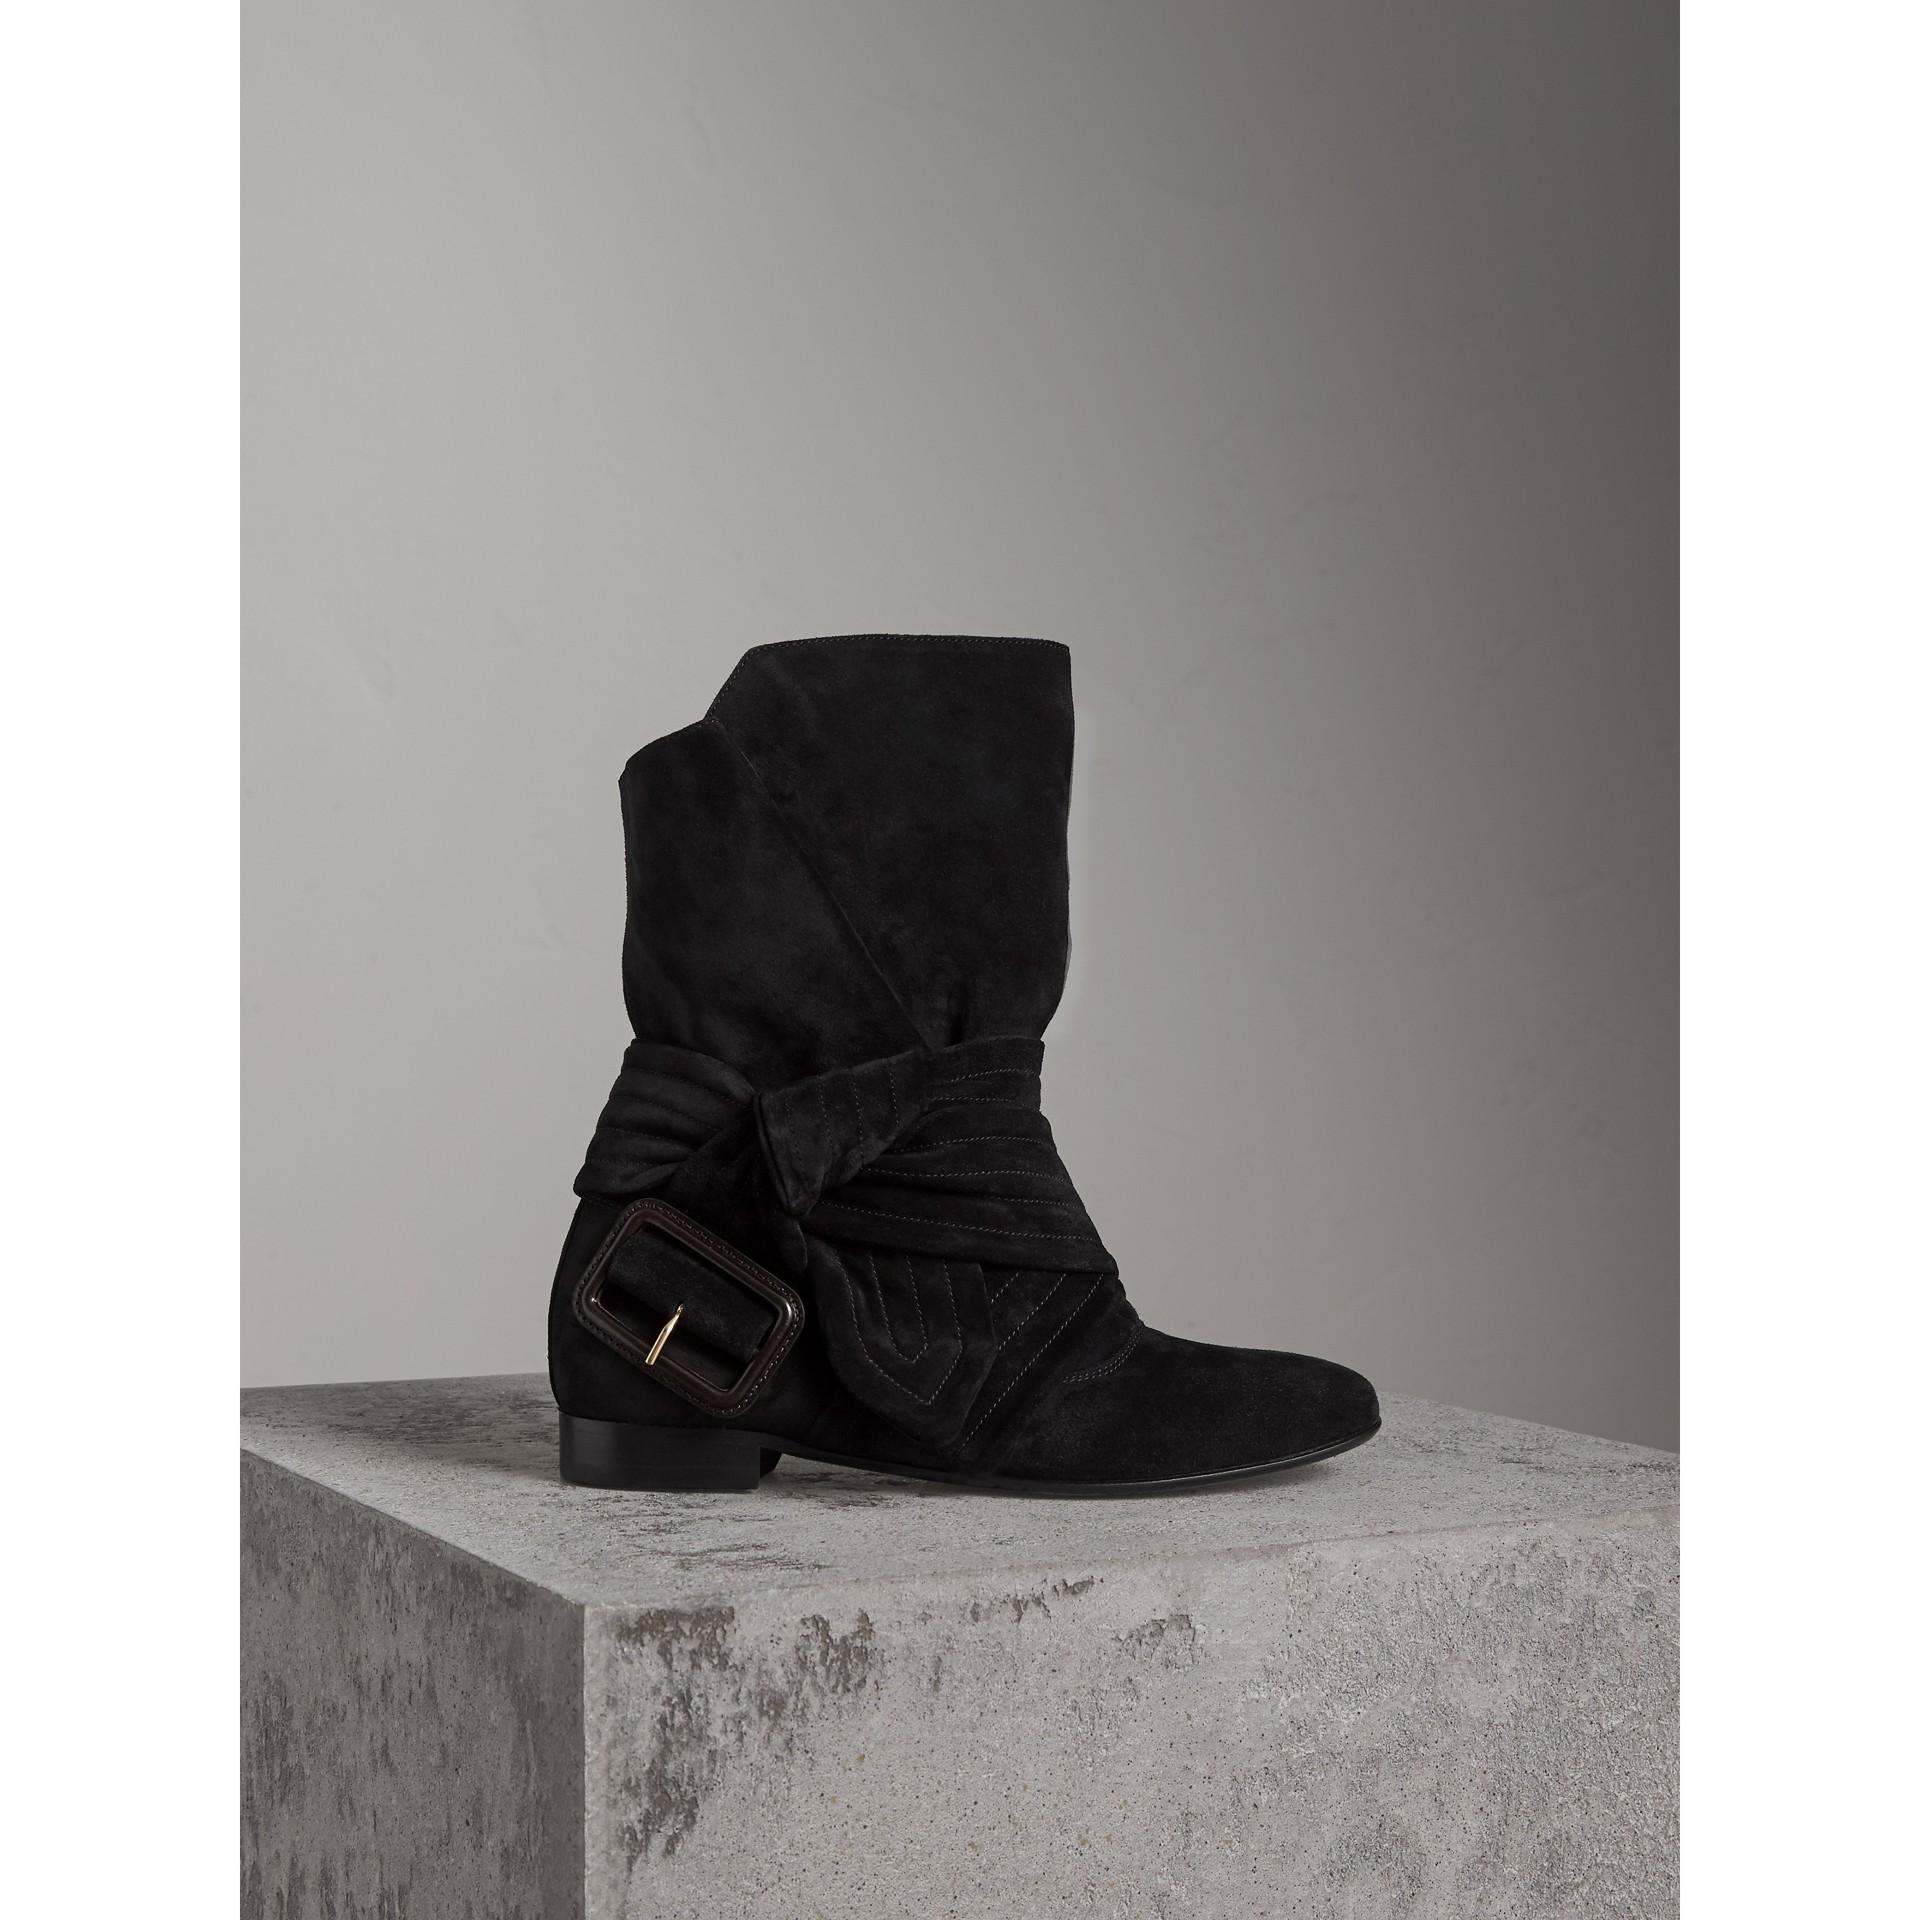 Stiefel aus Veloursleder mit Riemendetail (Schwarz) - Damen | Burberry - Galerie-Bild 1